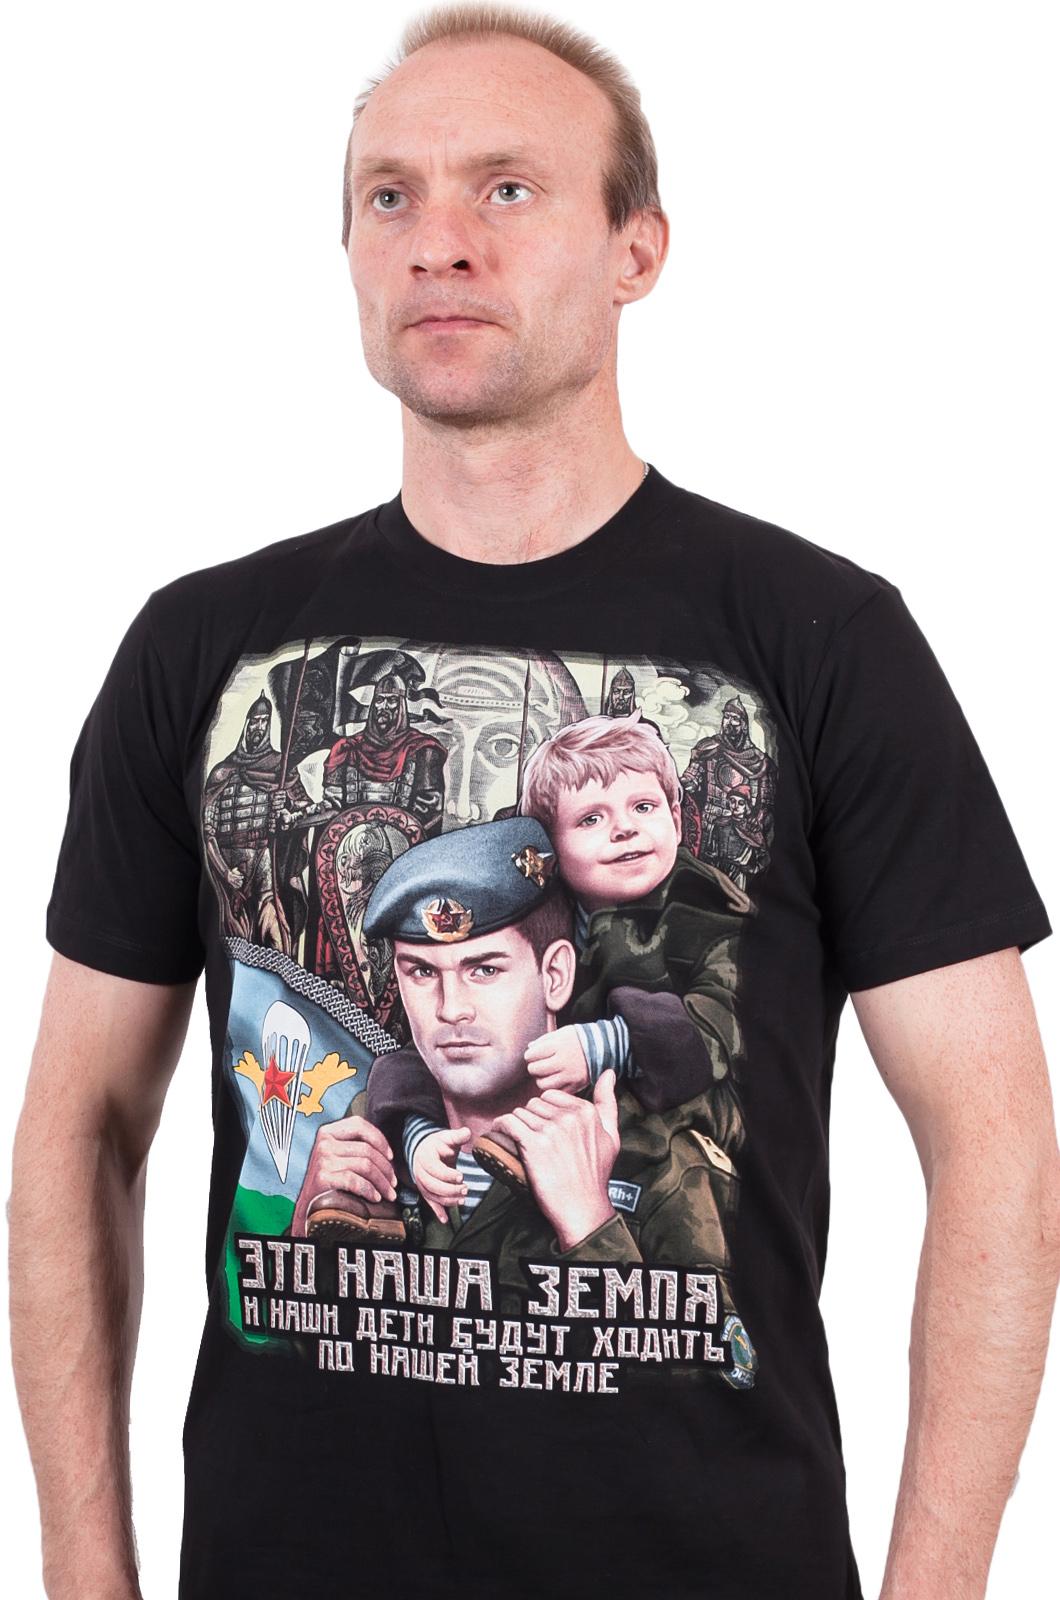 Купите футболку «Это наша земля» по самой низкой стоимости